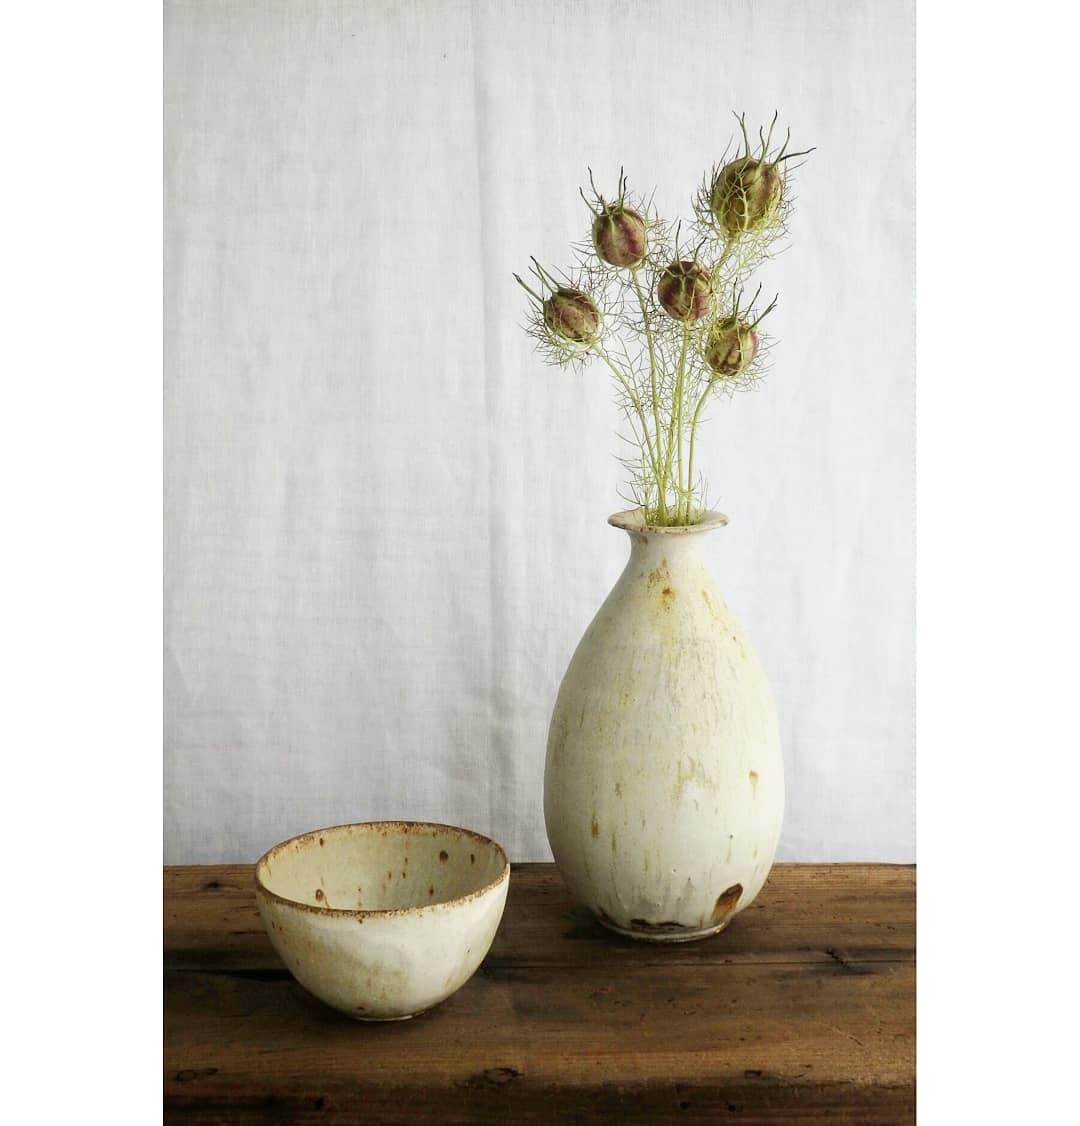 煎茶と花 - 茶器の章2 -_f0351305_22385545.jpg